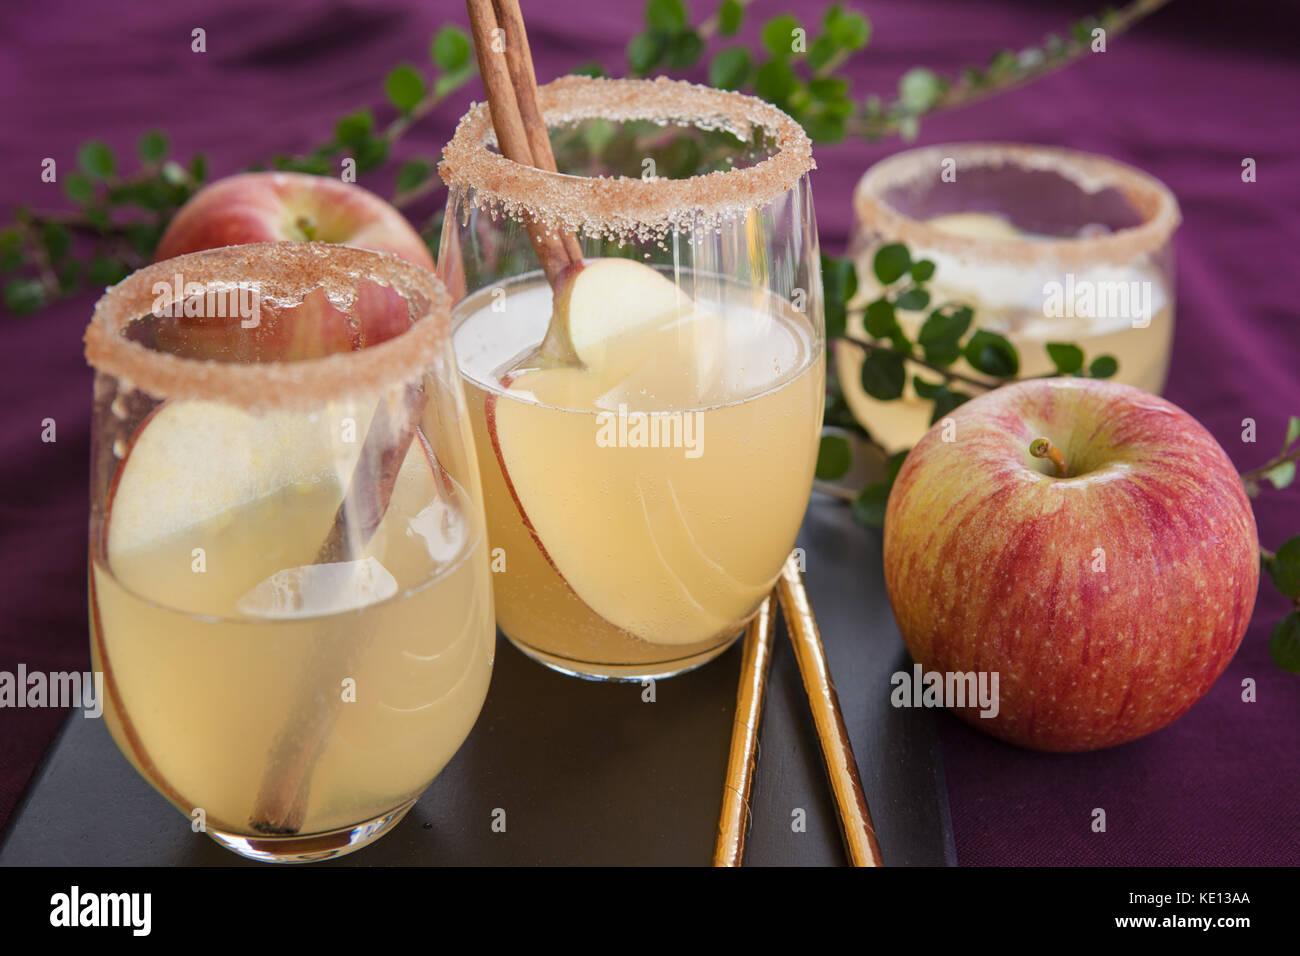 Fruchtiger Cocktail mit Apfel und Zimt sticks Stockbild